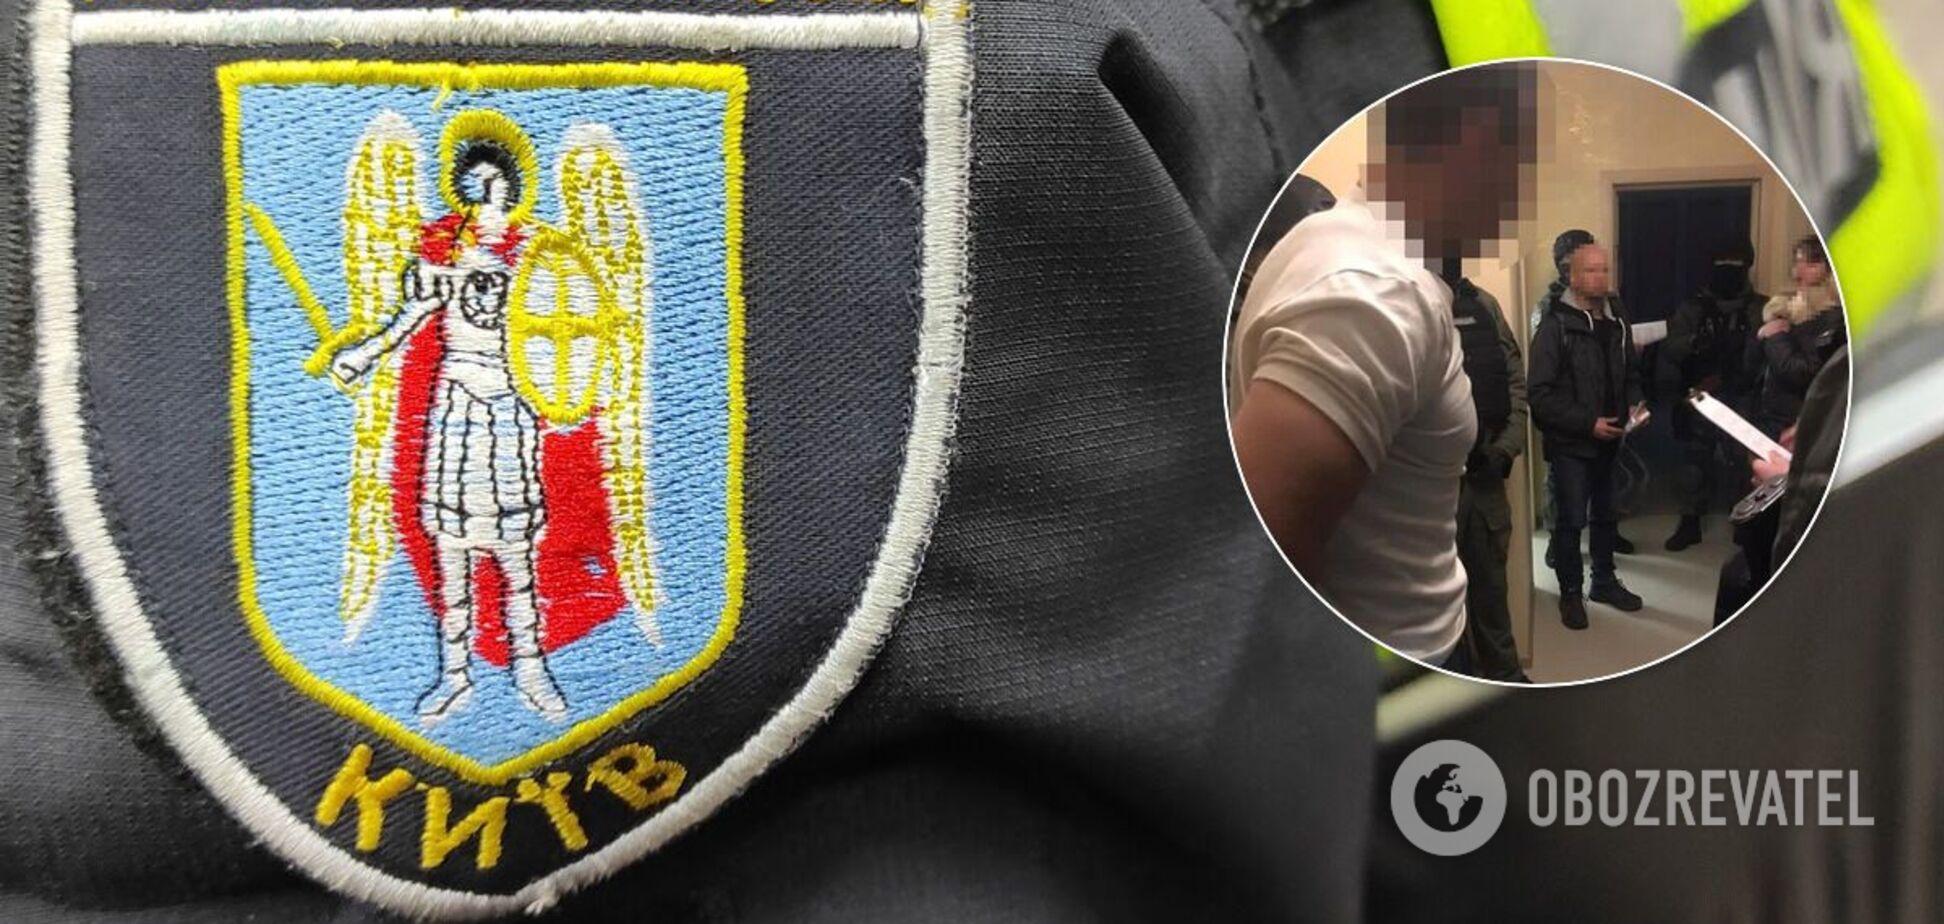 Злоумышленника задержали в порядке статьи 208 КПК Украины